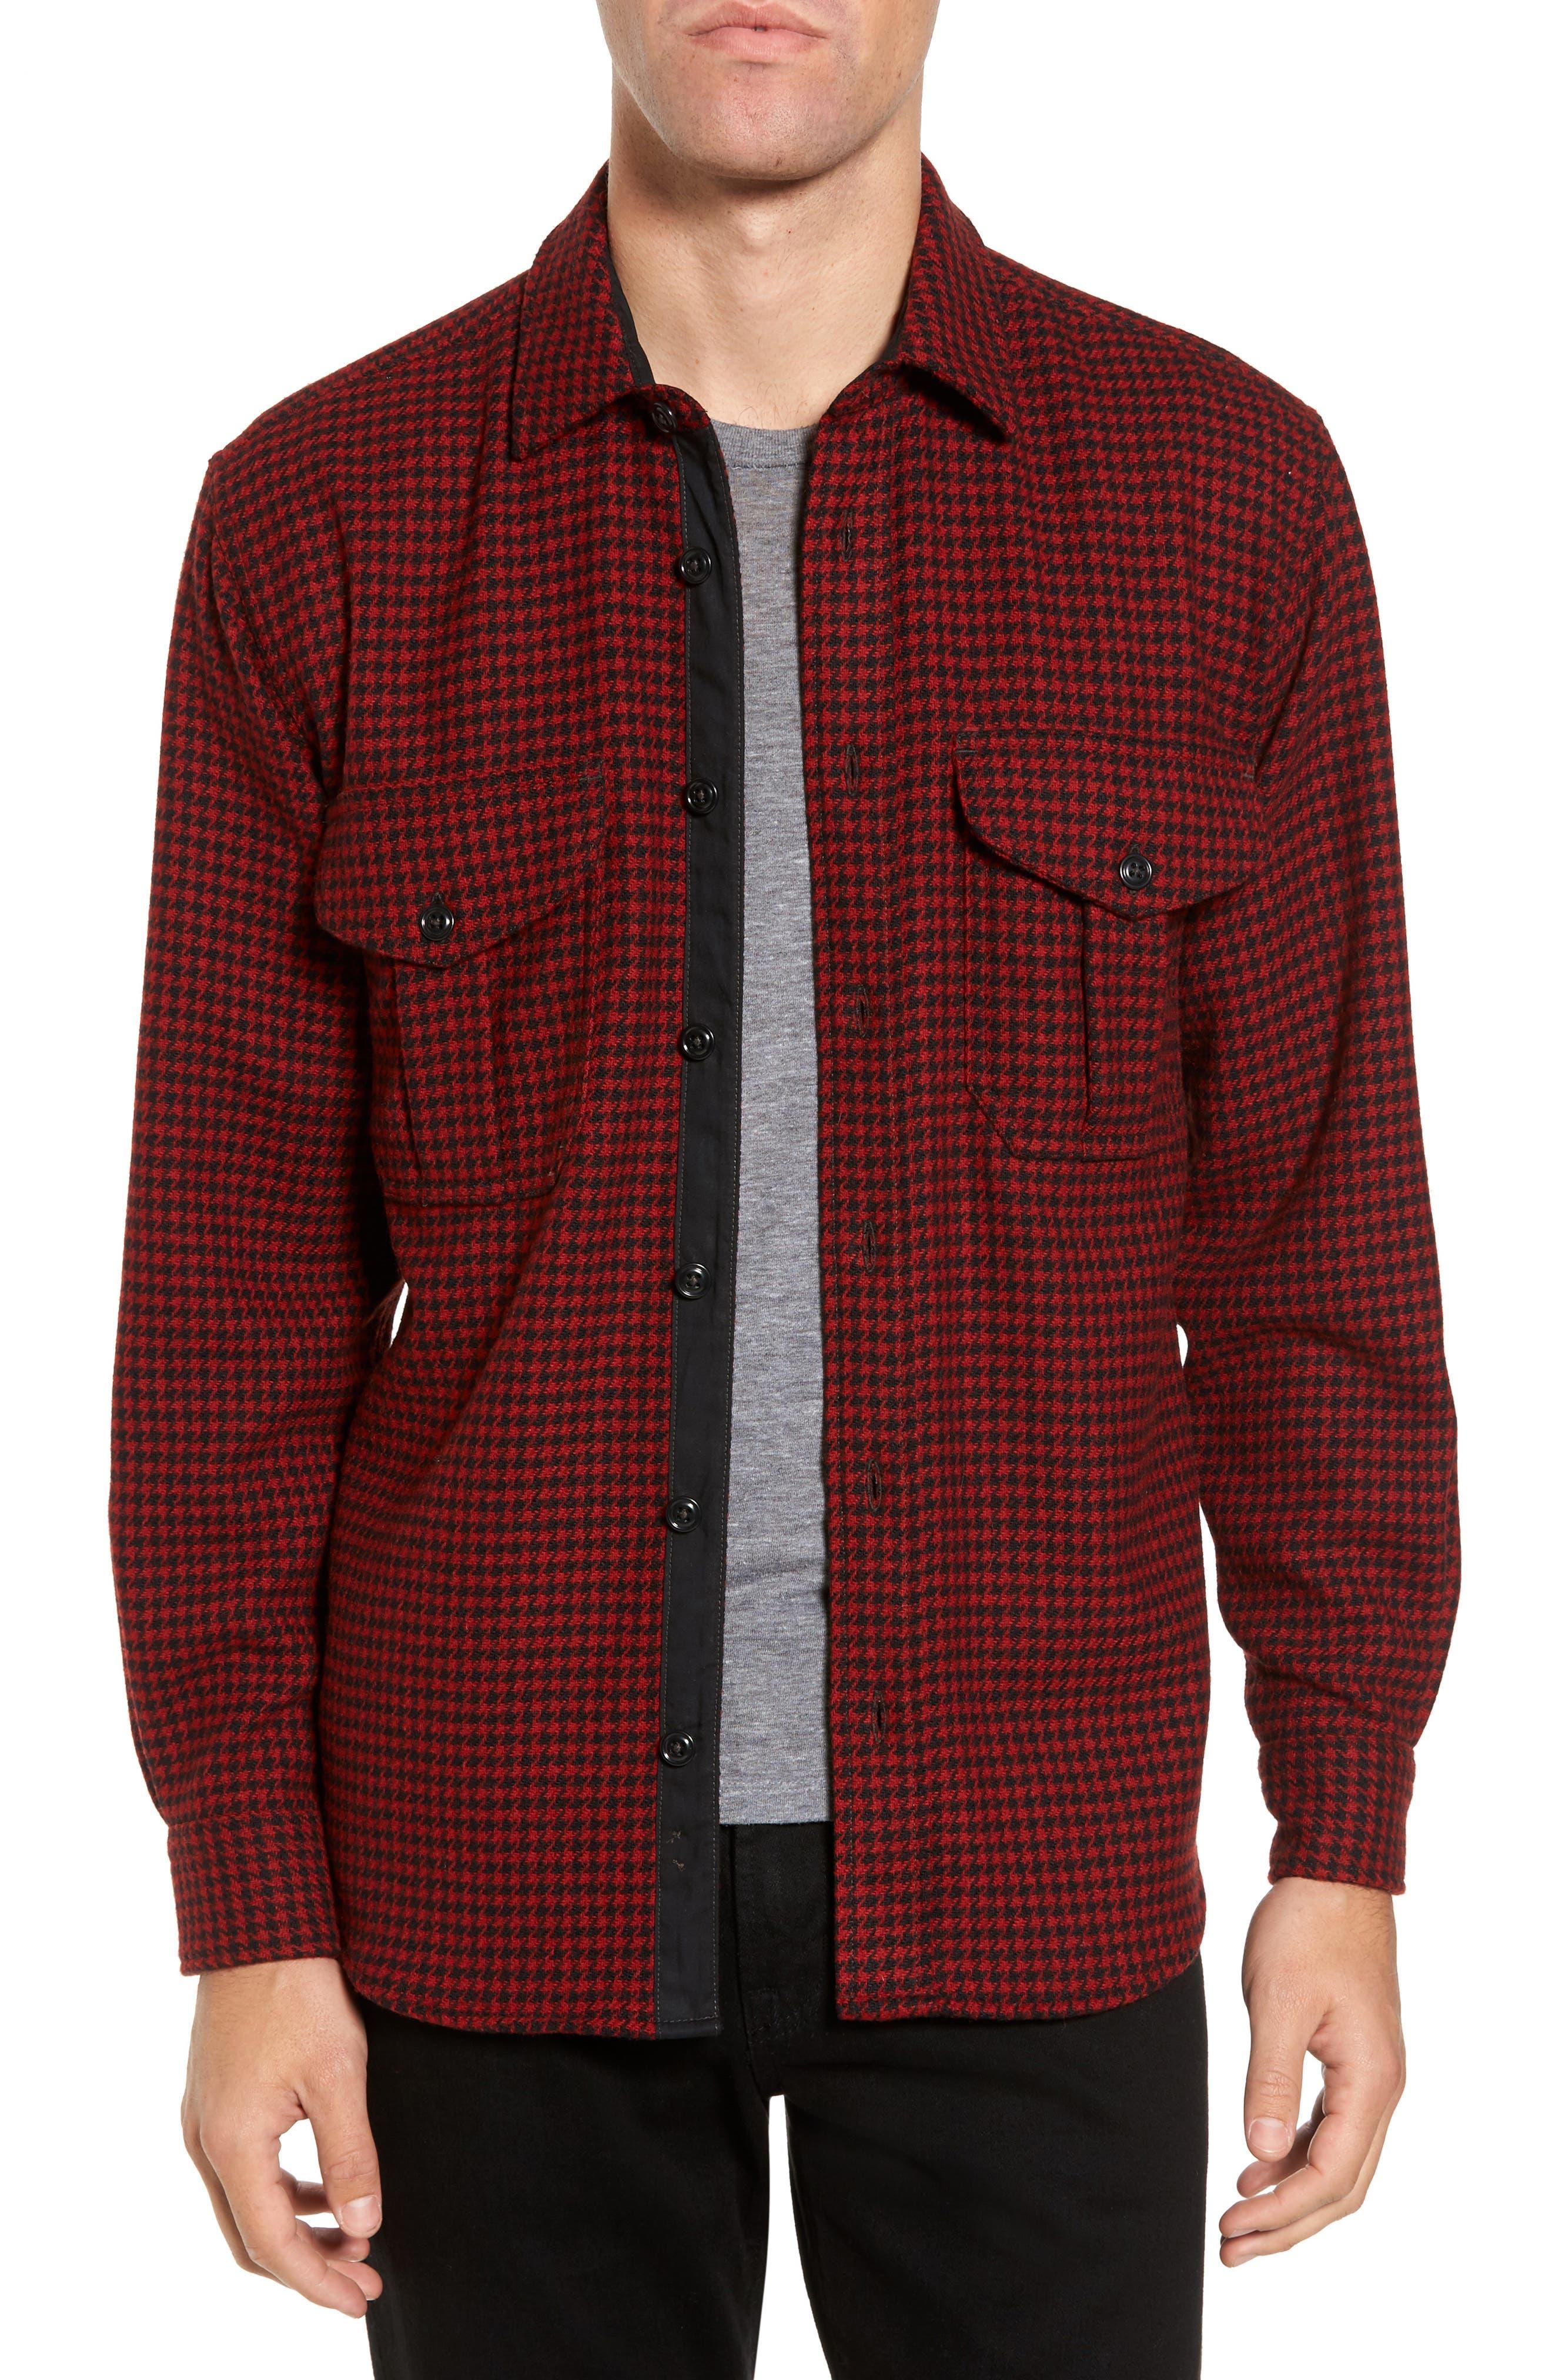 Main Image - Filson Northwest Houndstooth Shirt Jacket